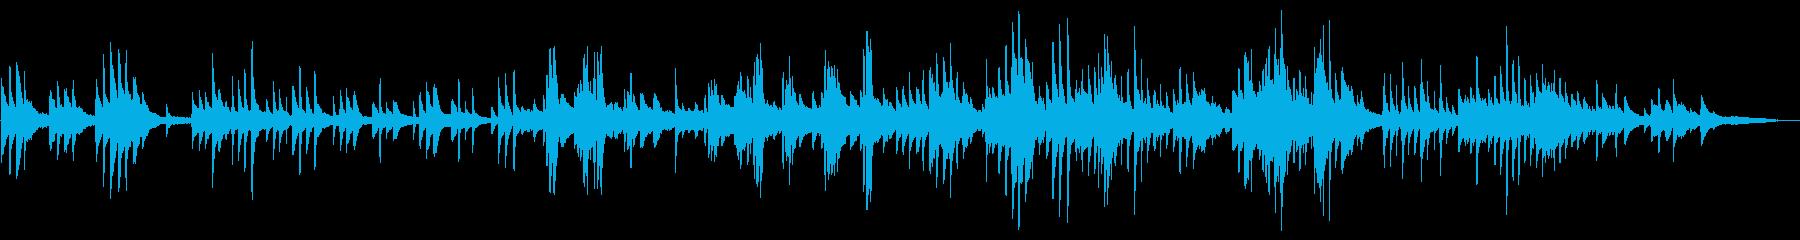 生演奏 幻想的で優しく切ないピアノソロの再生済みの波形